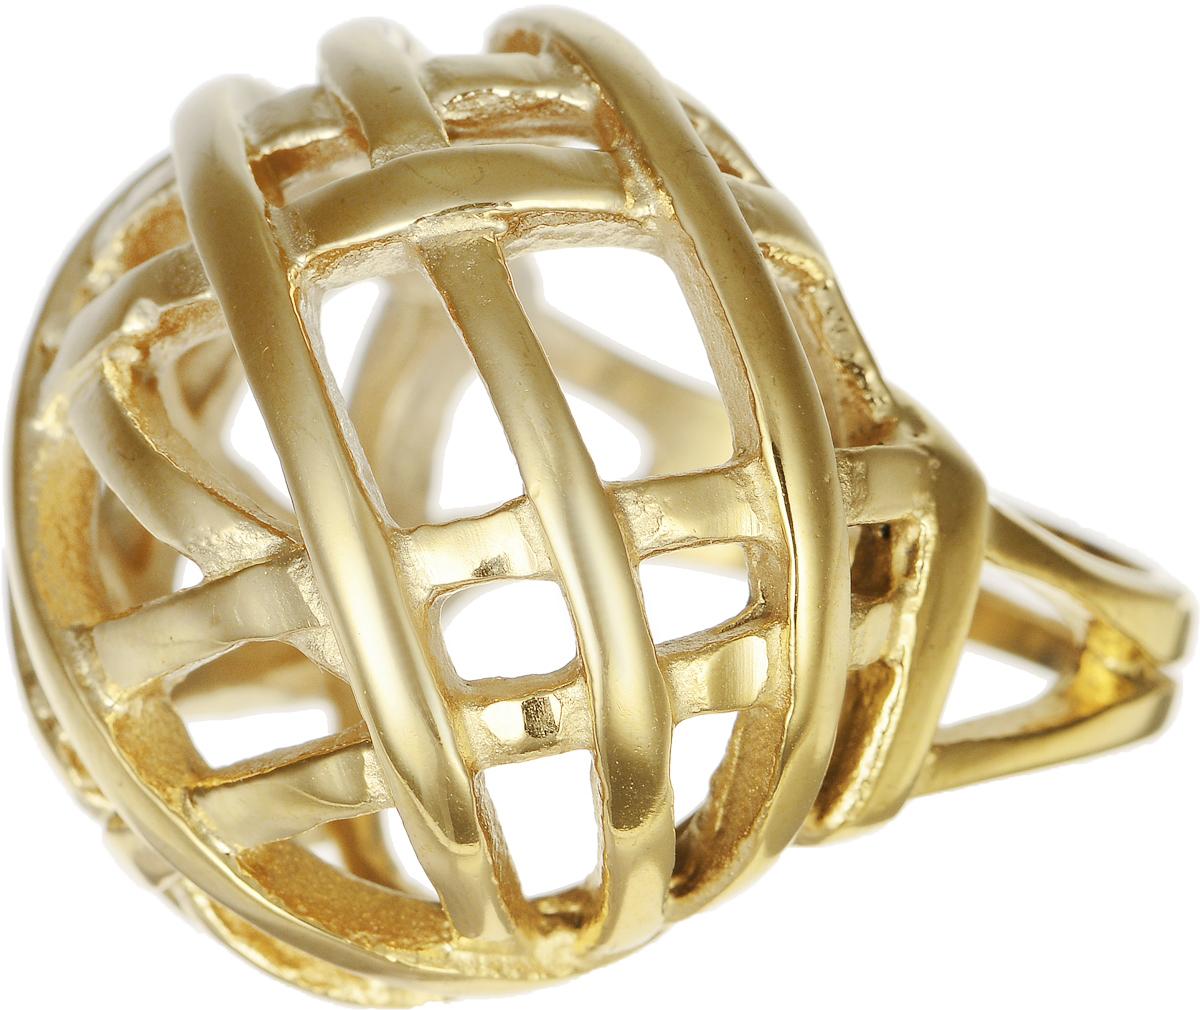 Кольцо Polina Selezneva, цвет: золотистый. DG-0014. Размер 19Коктейльное кольцоСтильное кольцо Polina Selezneva изготовлено из качественного металлического сплава и выполнено в оригинальном дизайне. Кольцо оформлено резным узором.